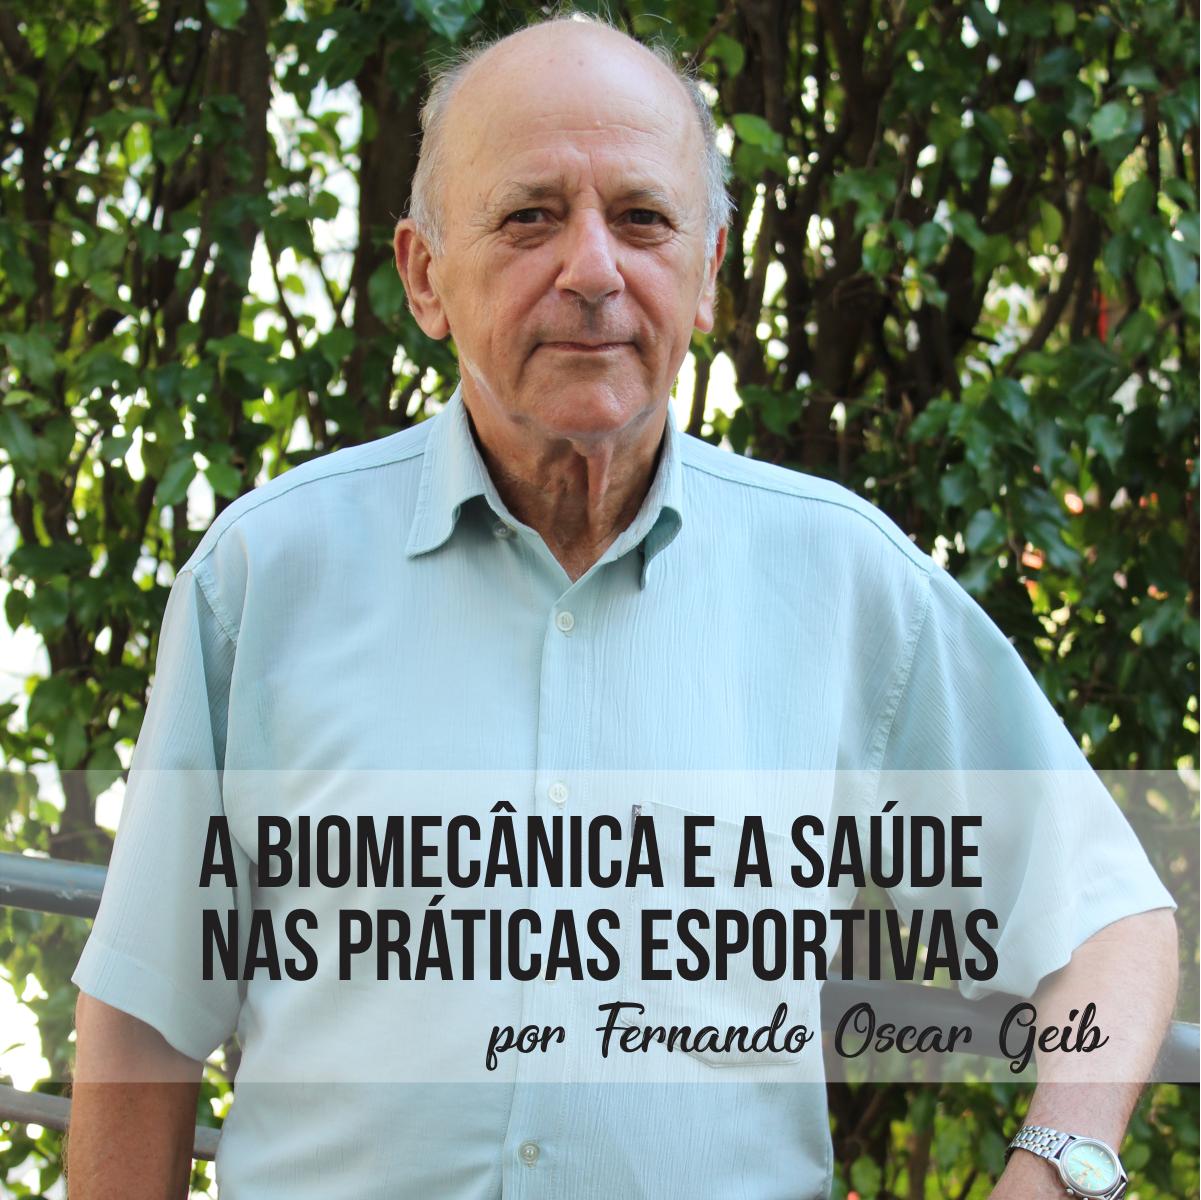 COLUNA: A Biomecânica e a Saúde nas práticas esportivas